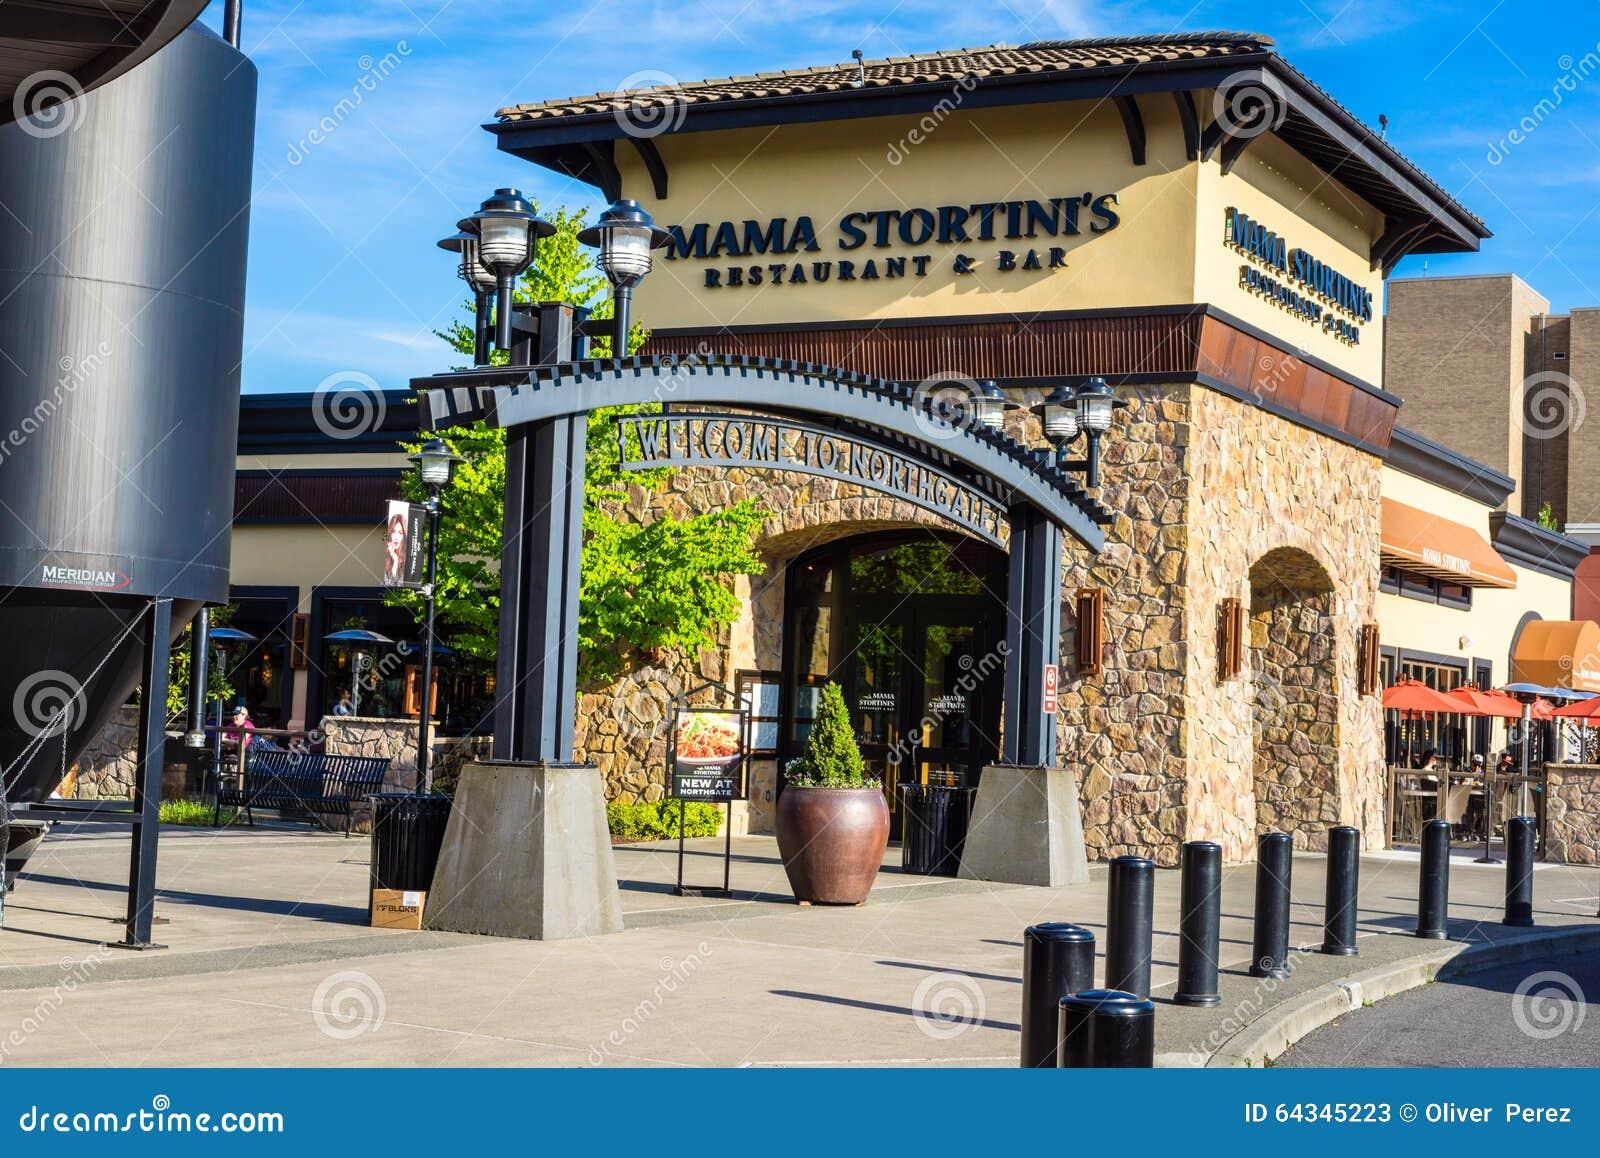 Mama Stortini S Restaurant Bar